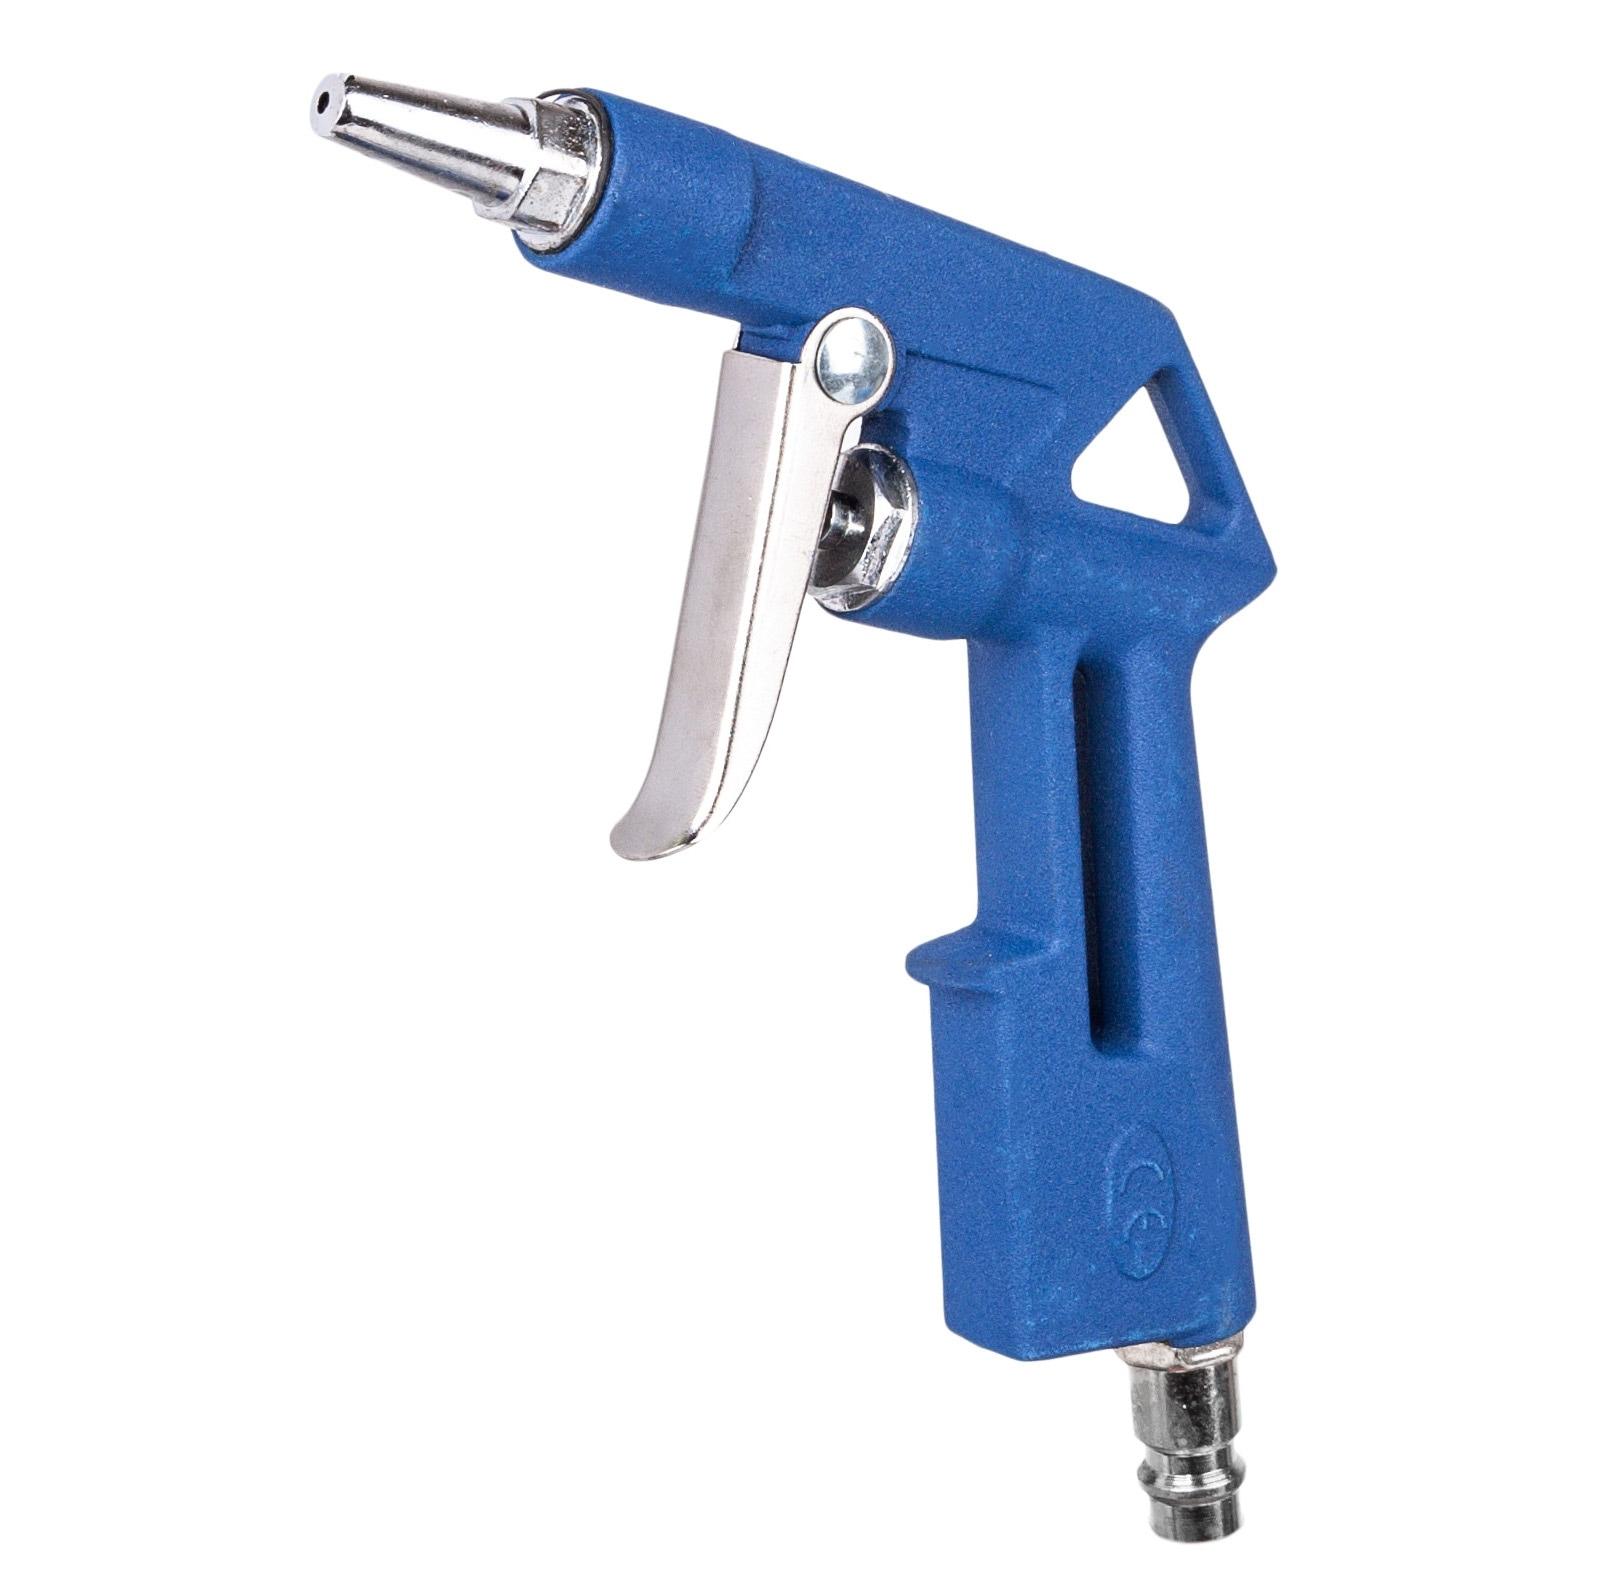 Image of Zestaw lakierniczy pistolet do malowania i pompowania 5el falon-tech